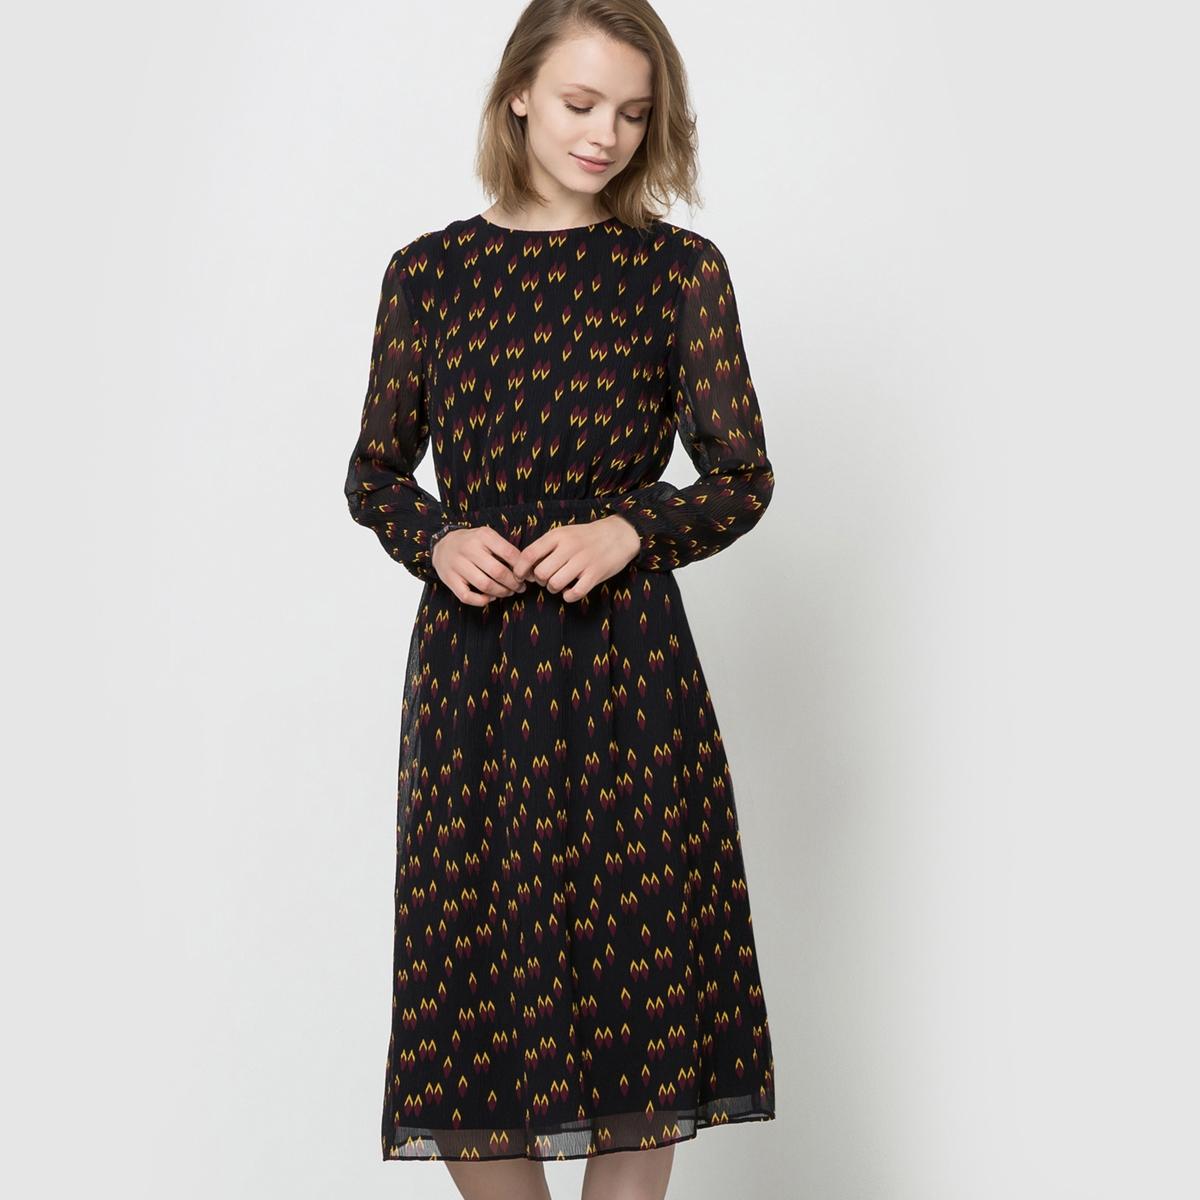 Платье-миди из вуали с длинными рукавами и рисункомСостав и описаниеМарка : SEE U SOONМатериалы : 100% полиэстера. Подкладка 100% полиэстера<br><br>Цвет: черный наб. рисунок